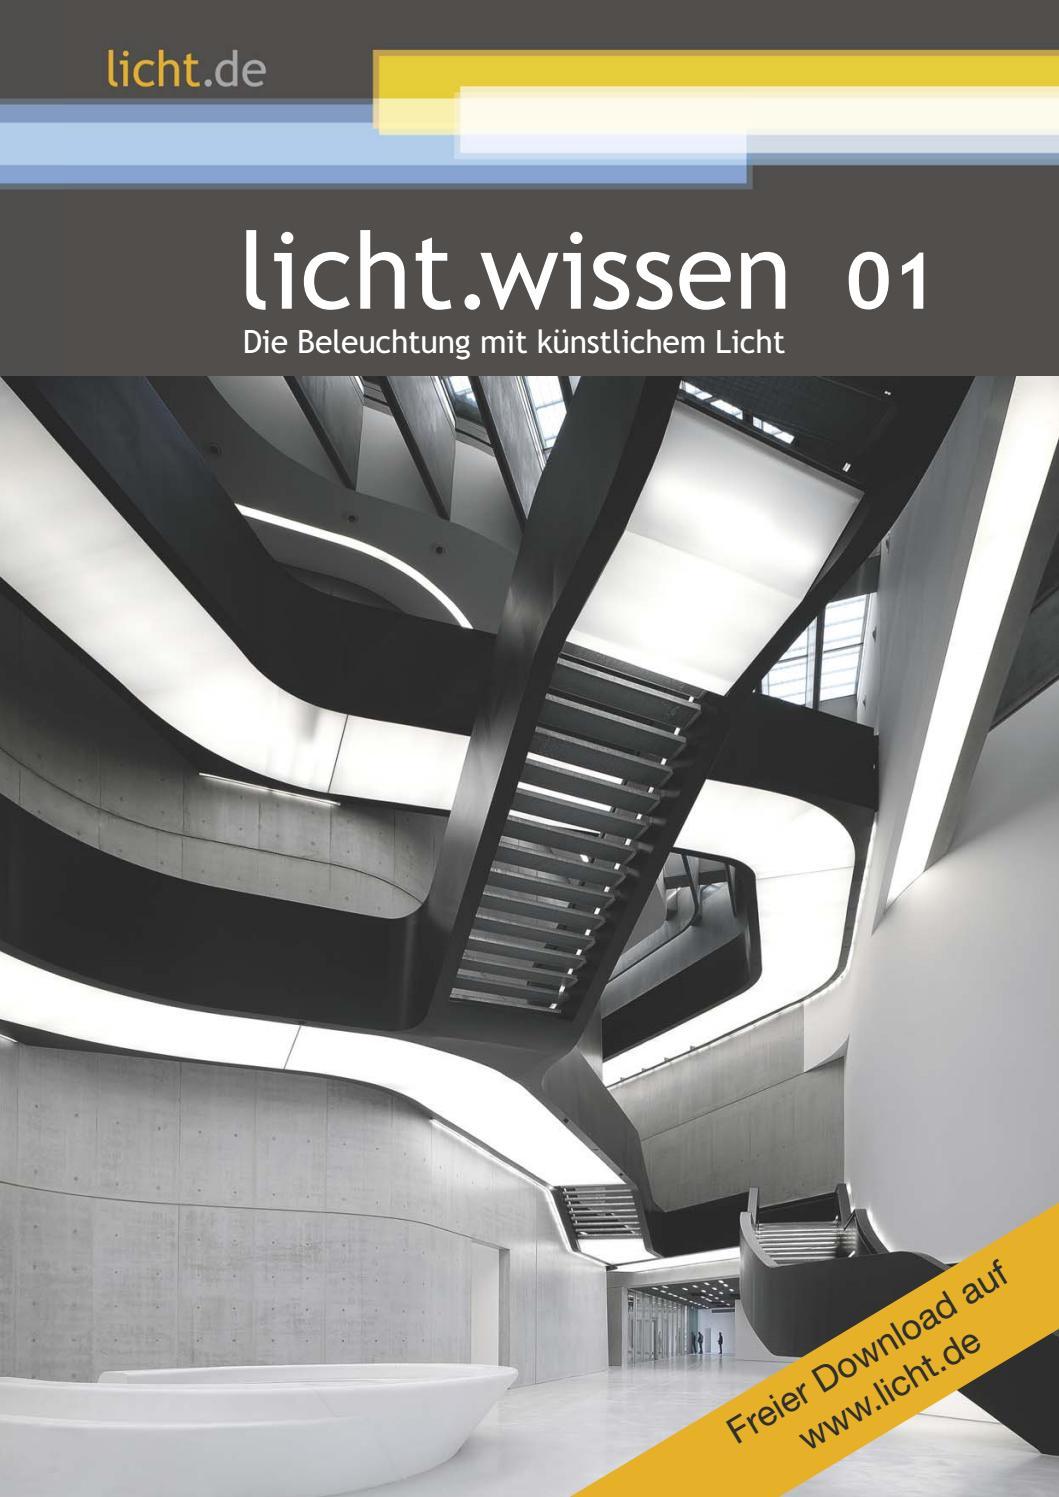 """licht.wissen 01 """"Die Beleuchtung mit künstlichem Licht"""" by licht.de ..."""